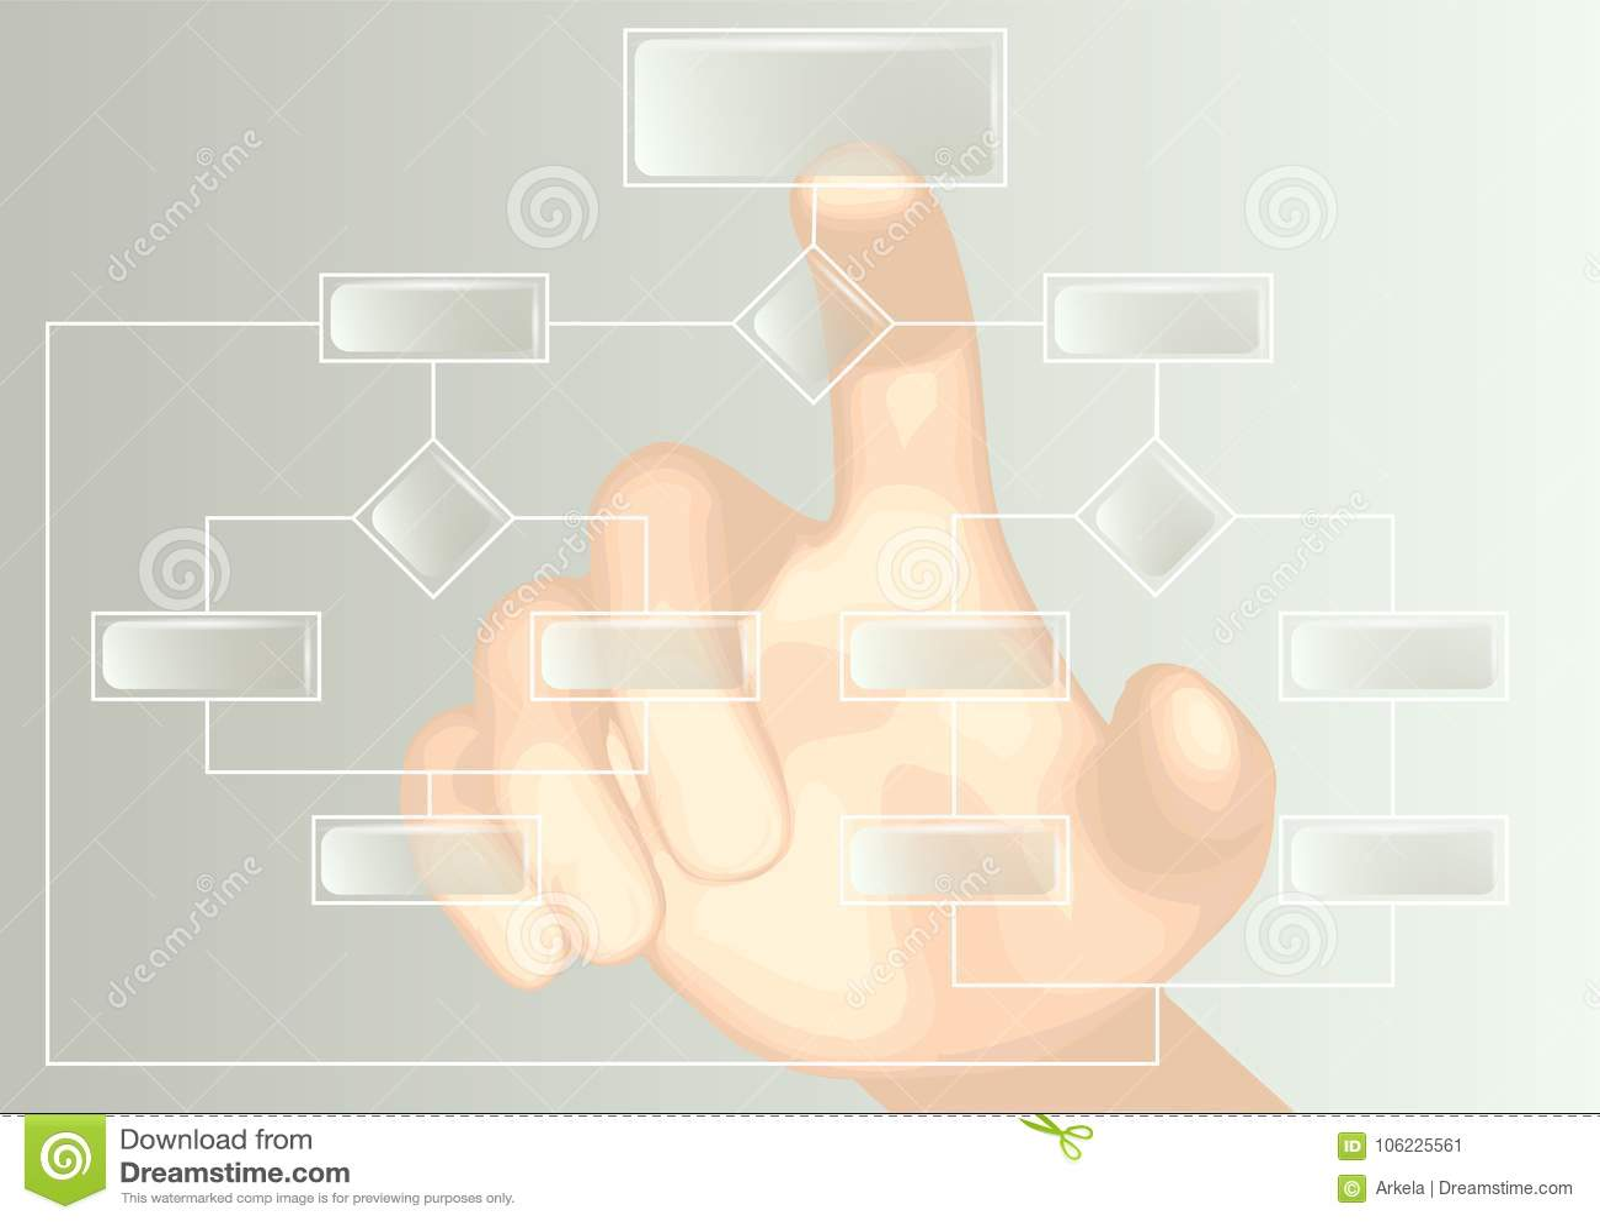 Fluxograma e mão